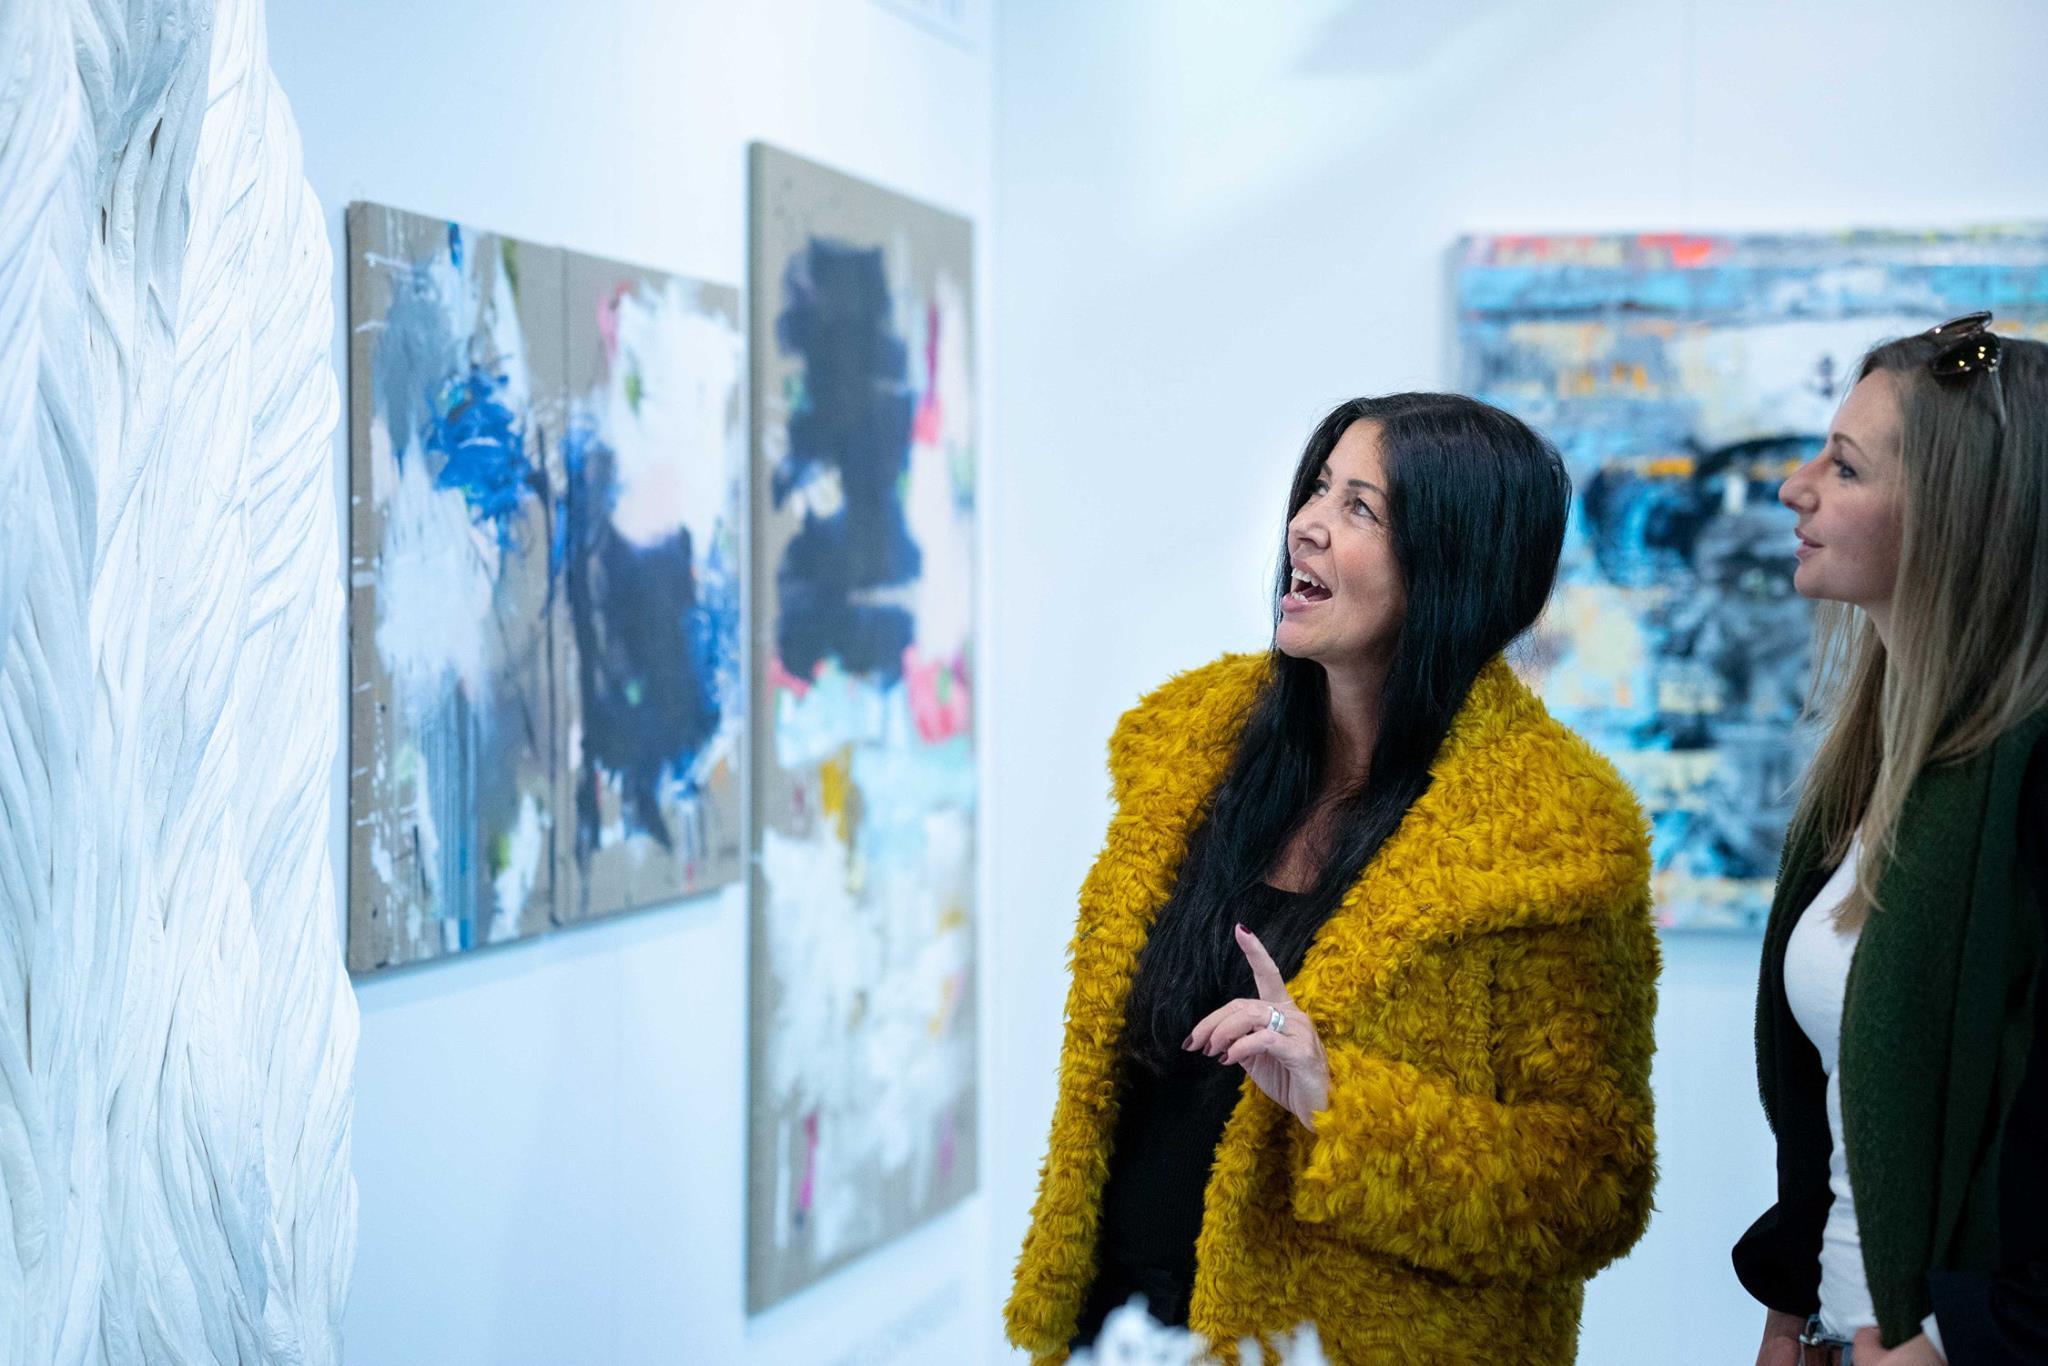 Besucher betrachten abstrakte Gemälde auf der Kunstmesse Discovery Art Fair in FFM